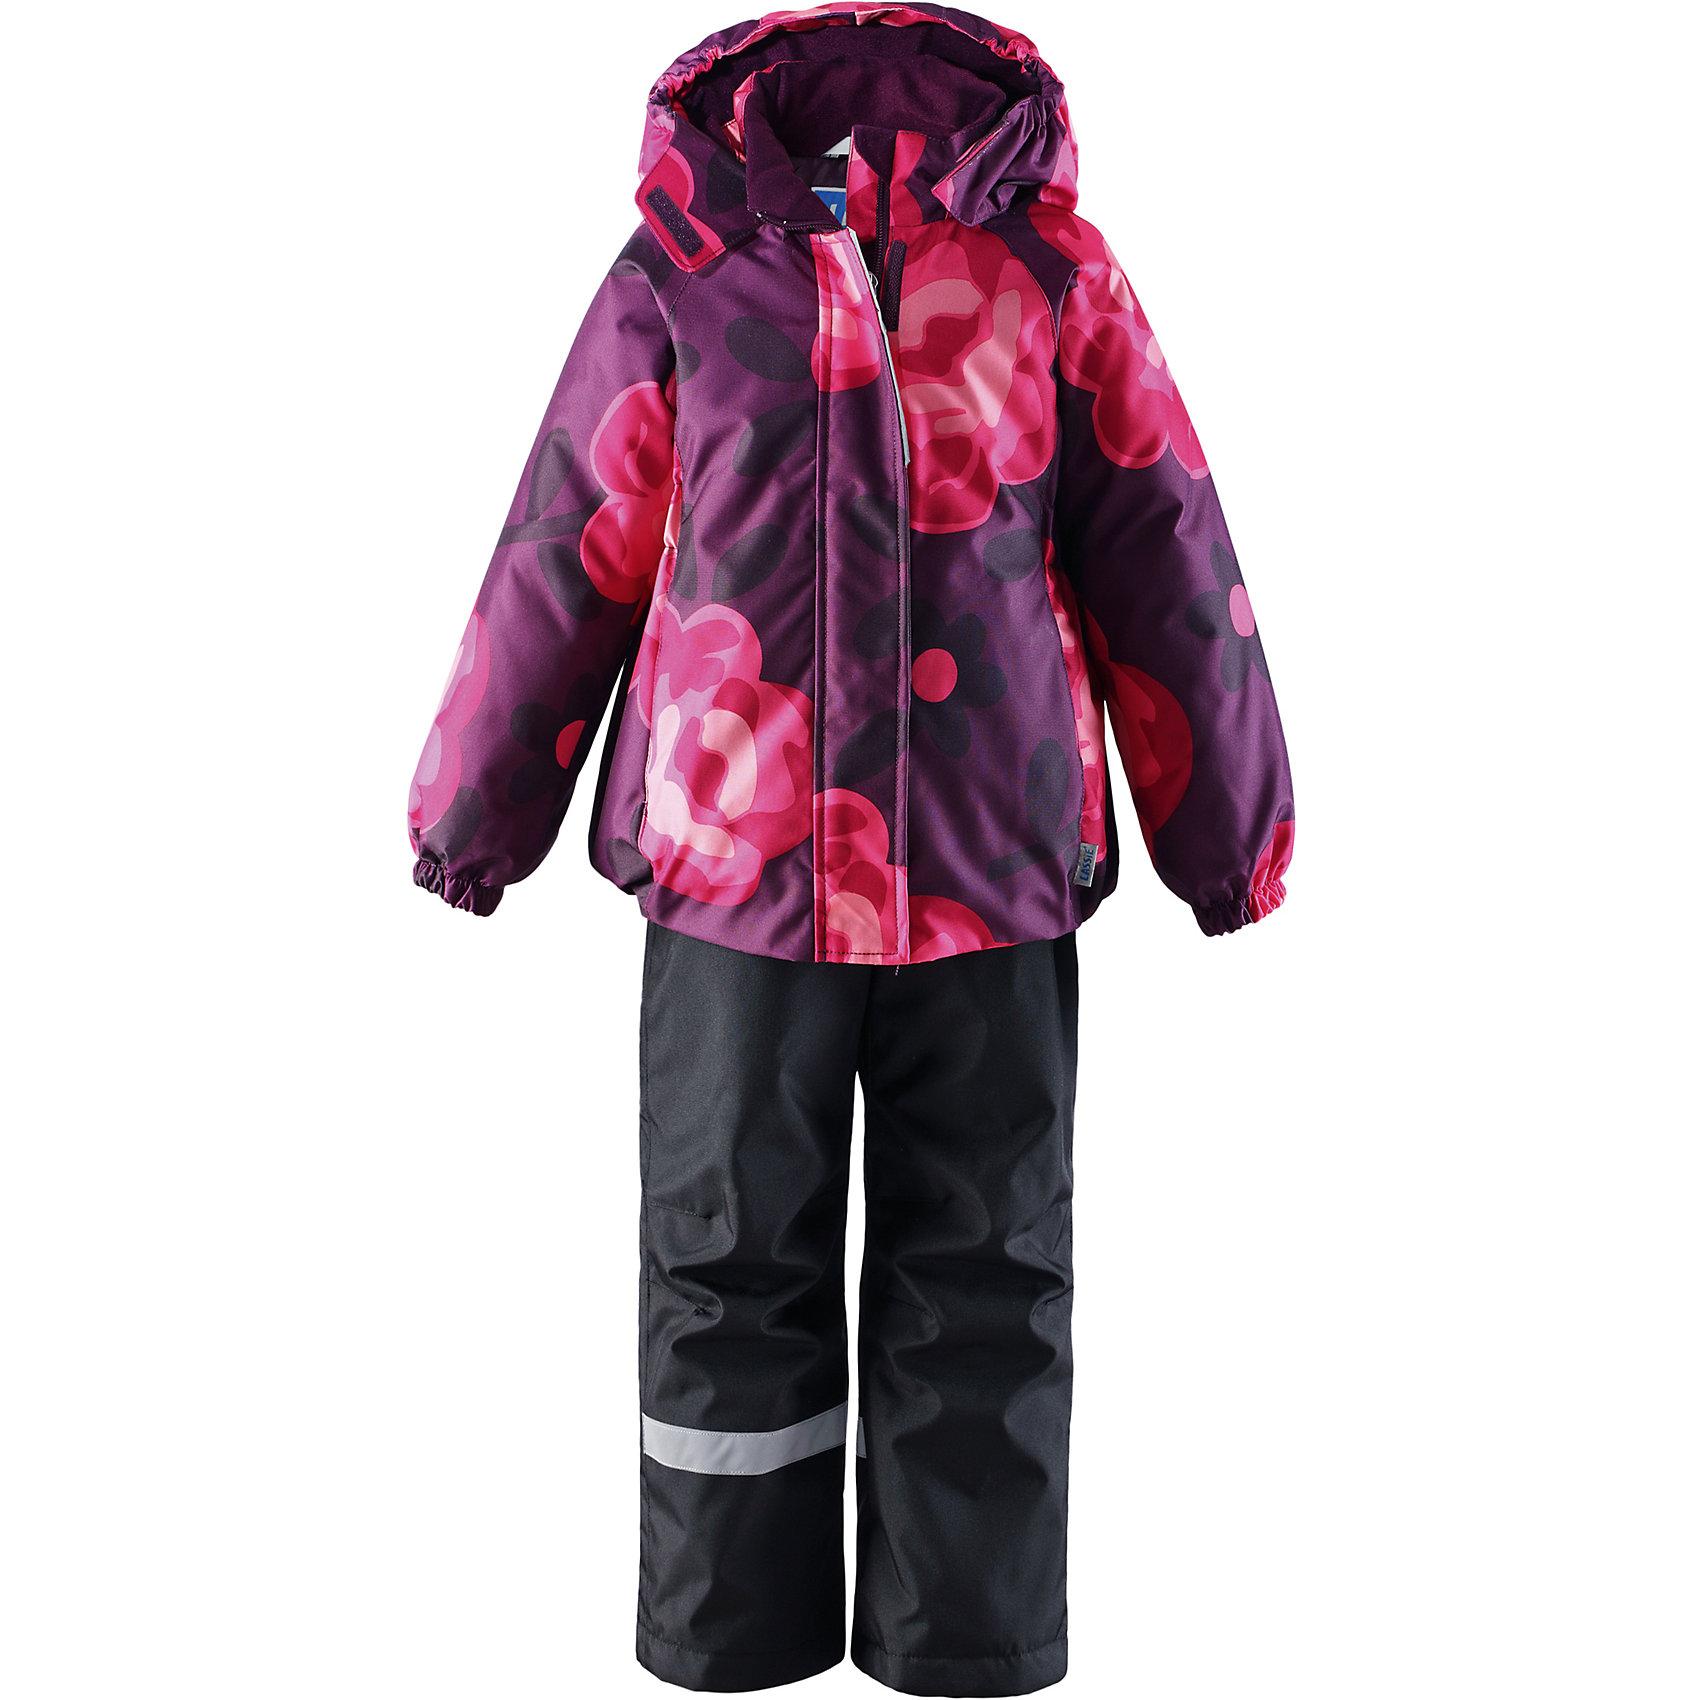 Комплект для девочки LASSIEЗимний комплект для детей известной финской марки.<br><br>- Прочный материал. Водоотталкивающий, ветронепроницаемый, «дышащий» и грязеотталкивающий материал.<br>- Задний серединный шов брюк проклеен.<br>- Гладкая подкладка из полиэстра.<br>- Средняя степень утепления. <br>- Безопасный, съемный капюшон.<br>- Эластичные манжеты. Эластичная талия. <br>- Регулируемый подол. Снегозащитные манжеты на штанинах. <br>- Ширинка на молнии. Карманы в боковых швах.<br>- Регулируемые и отстегивающиеся эластичные подтяжки.<br>- Принт по всей поверхности. <br><br> Рекомендации по уходу: Стирать по отдельности, вывернув наизнанку. Застегнуть молнии и липучки. Соблюдать температуру в соответствии с руководством по уходу. Стирать моющим средством, не содержащим отбеливающие вещества. Полоскать без специального средства. Сушение в сушильном шкафу разрешено при низкой температуре.<br><br>Состав: 100% Полиамид, полиуретановое покрытие. Утеплитель «Lassie wadding» 100гр.(брюки); 180гр.(куртка).<br><br>Ширина мм: 190<br>Глубина мм: 74<br>Высота мм: 229<br>Вес г: 236<br>Цвет: фиолетовый<br>Возраст от месяцев: 18<br>Возраст до месяцев: 24<br>Пол: Женский<br>Возраст: Детский<br>Размер: 92,140,98,104,110,116,122,128,134<br>SKU: 4782188